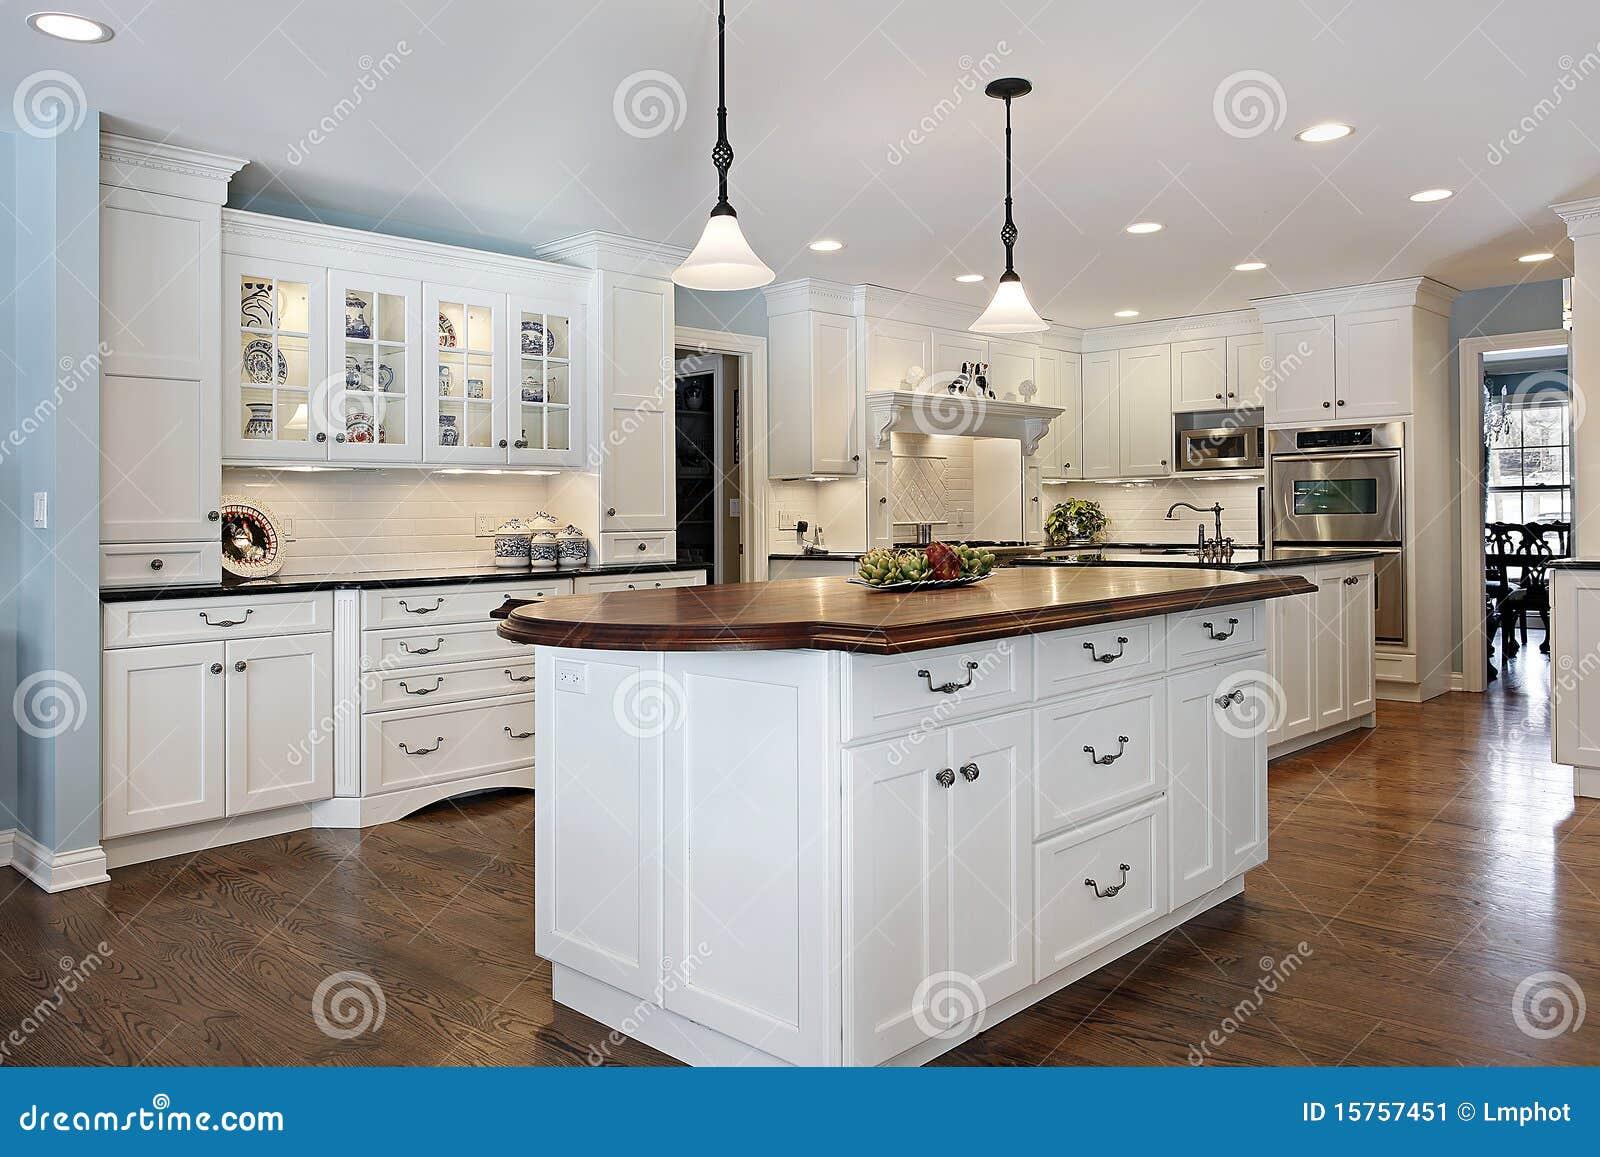 Keuken met houten hoogste eiland stock afbeelding afbeelding 15757451 - Meubilair outdoor houten keuken ...